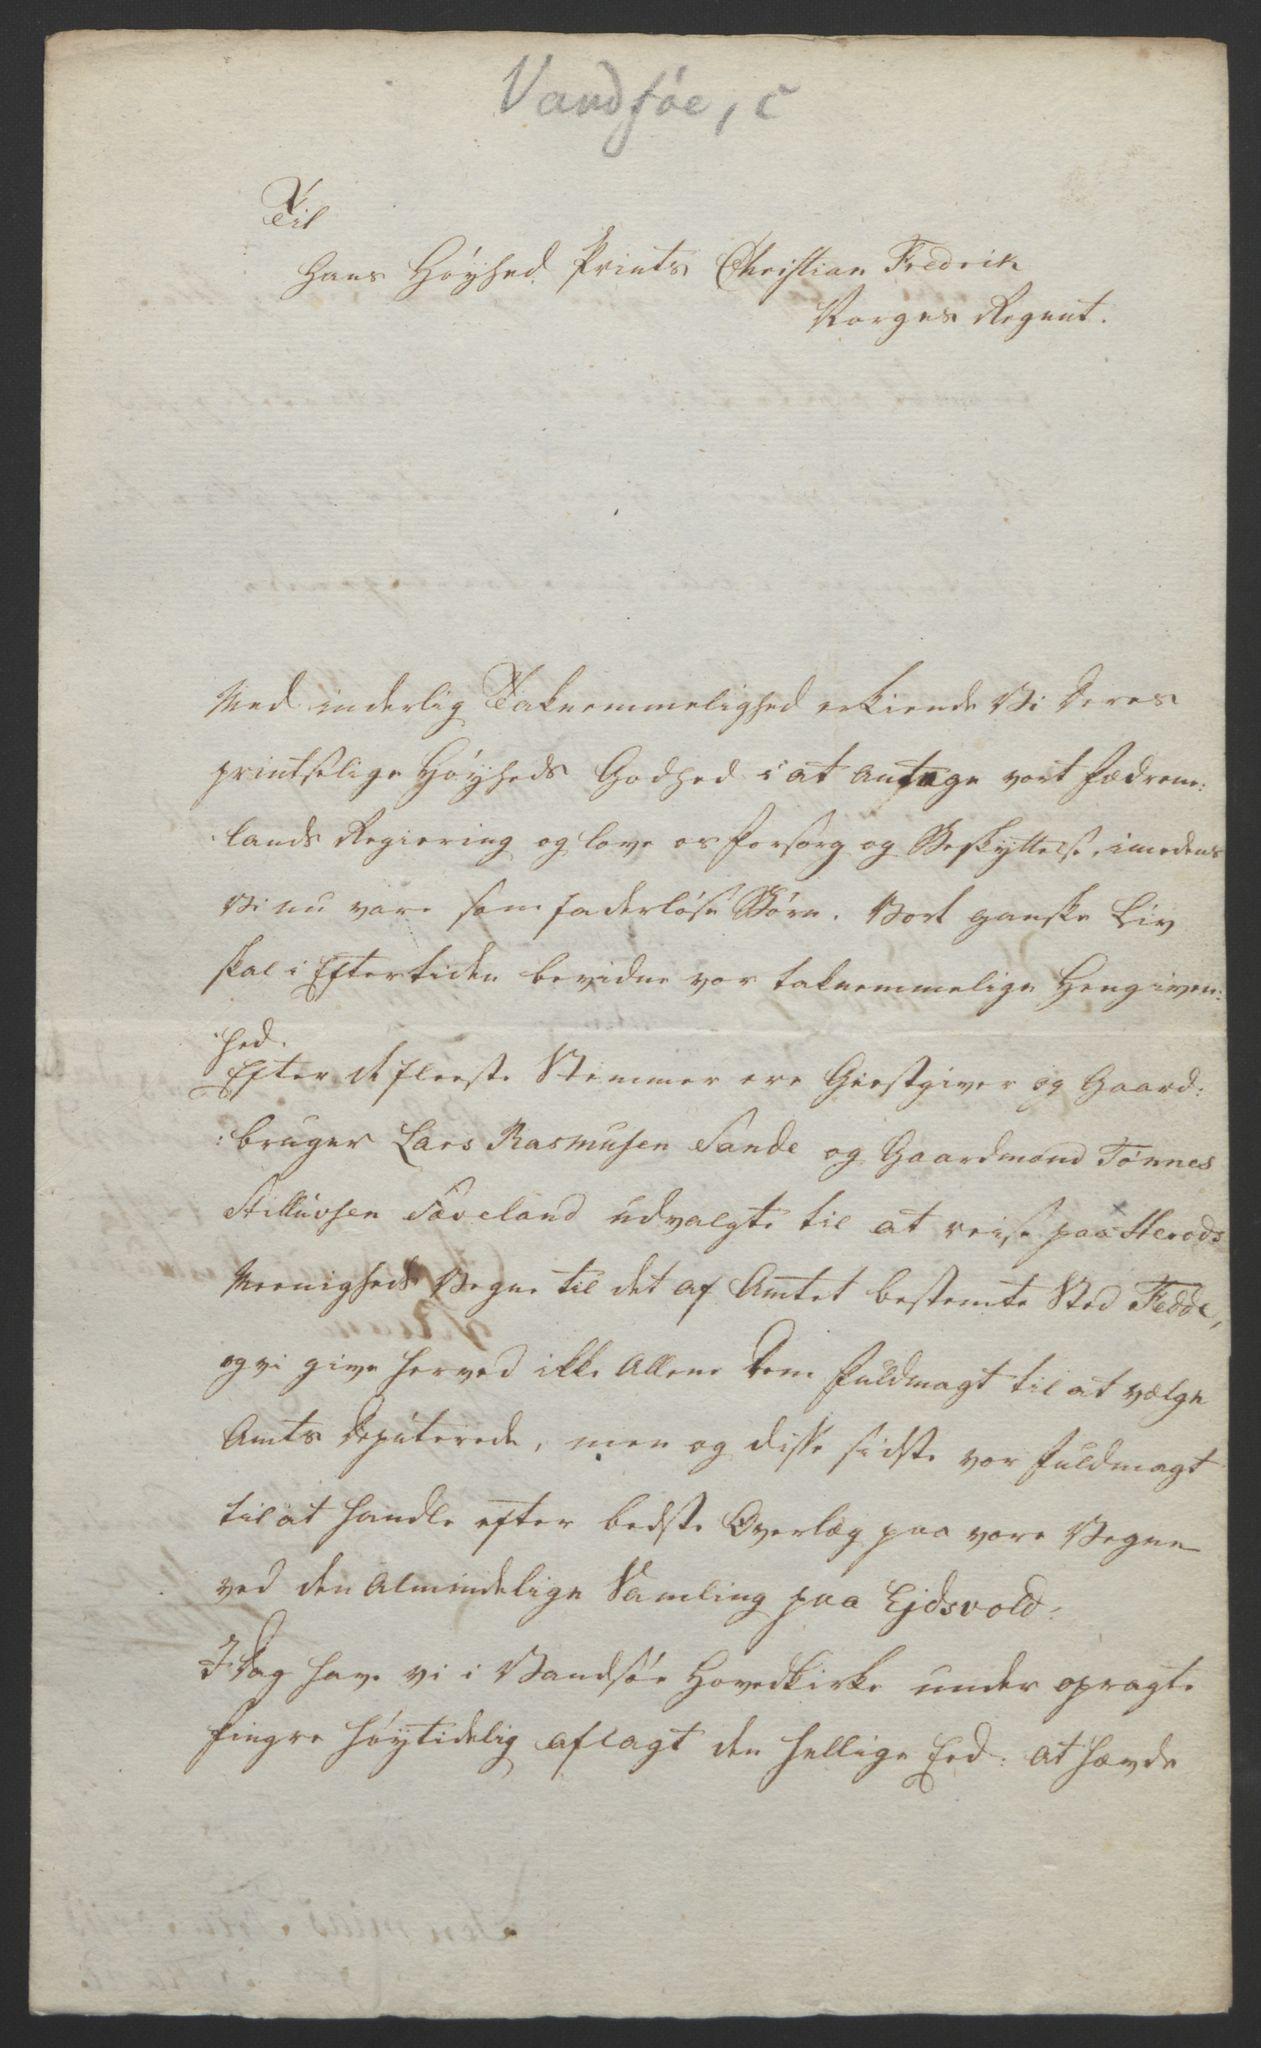 RA, Statsrådssekretariatet, D/Db/L0008: Fullmakter for Eidsvollsrepresentantene i 1814. , 1814, s. 189